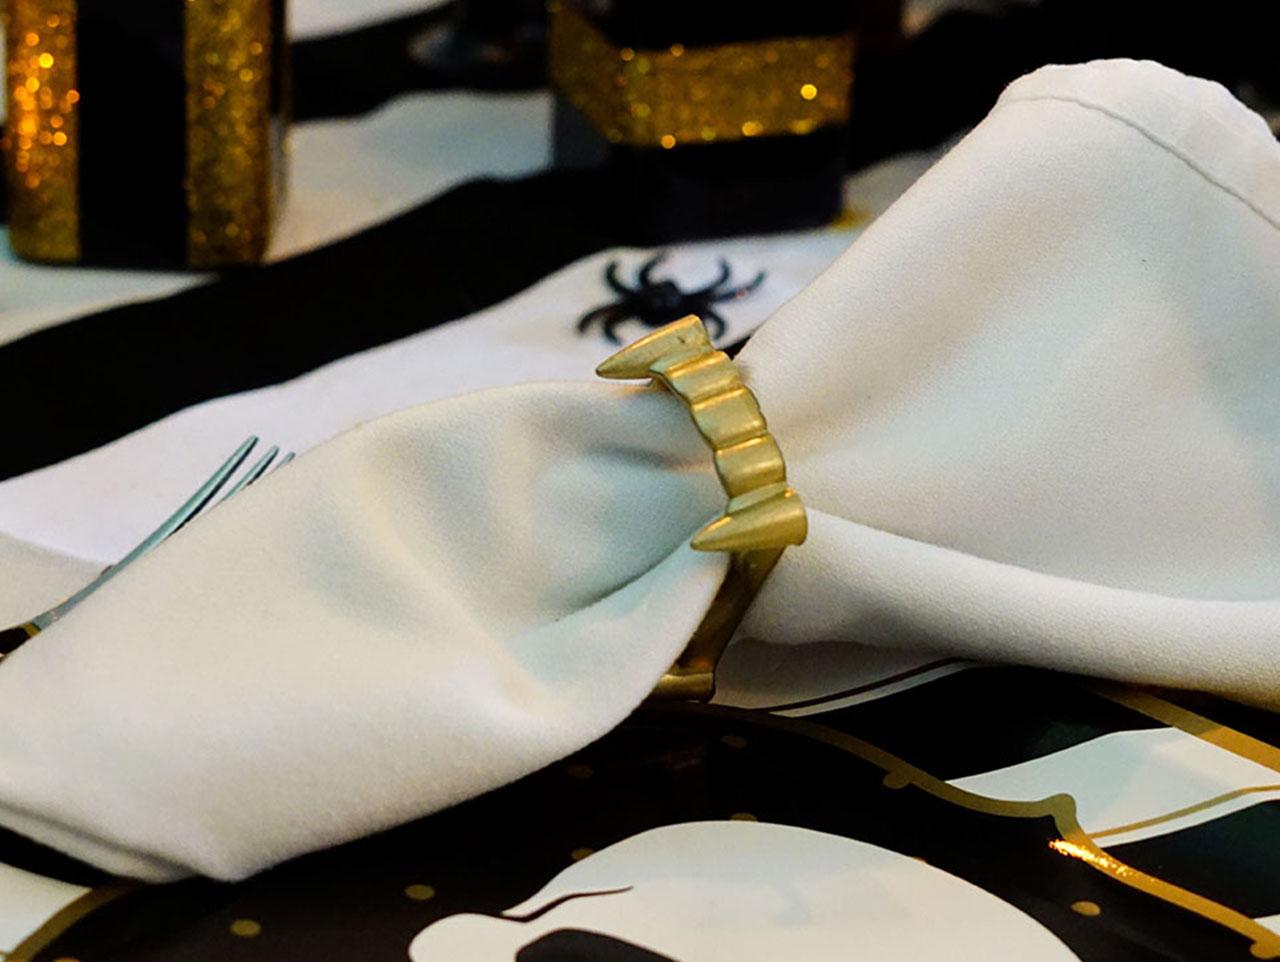 DIY gilded vampire fangs napkin rings for Halloween